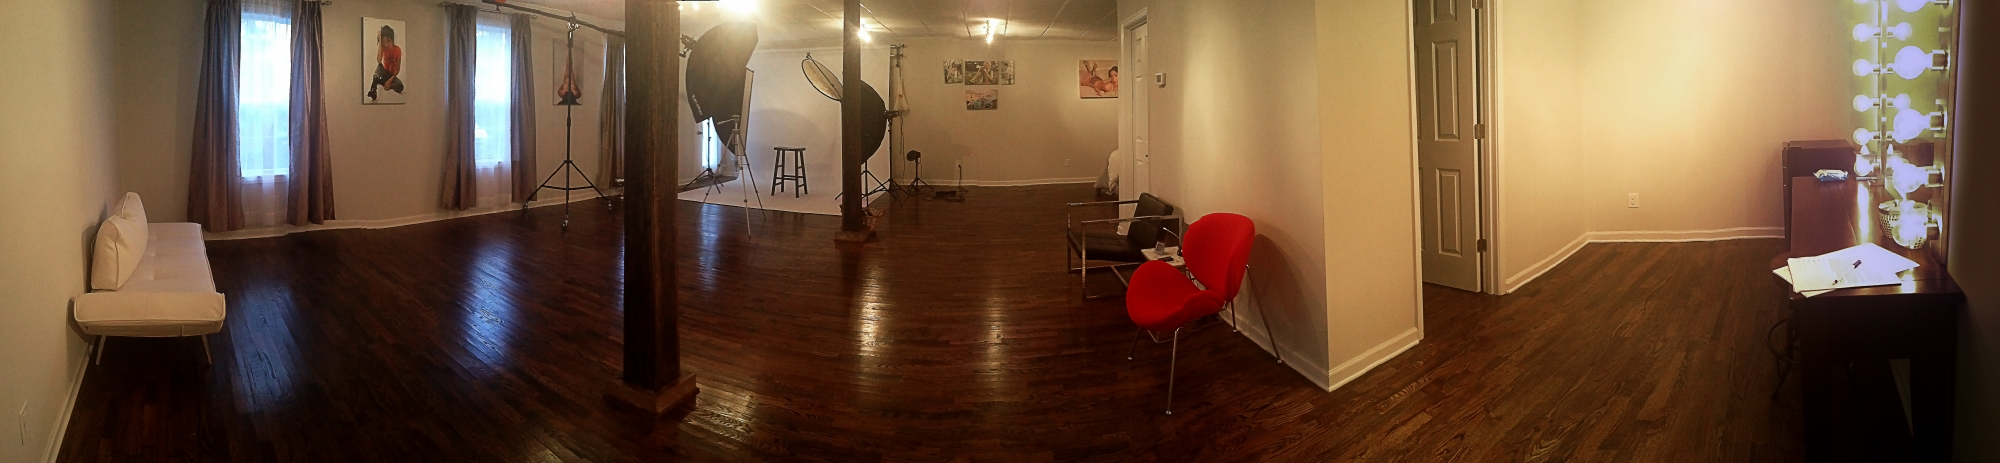 Dora Photography Studio